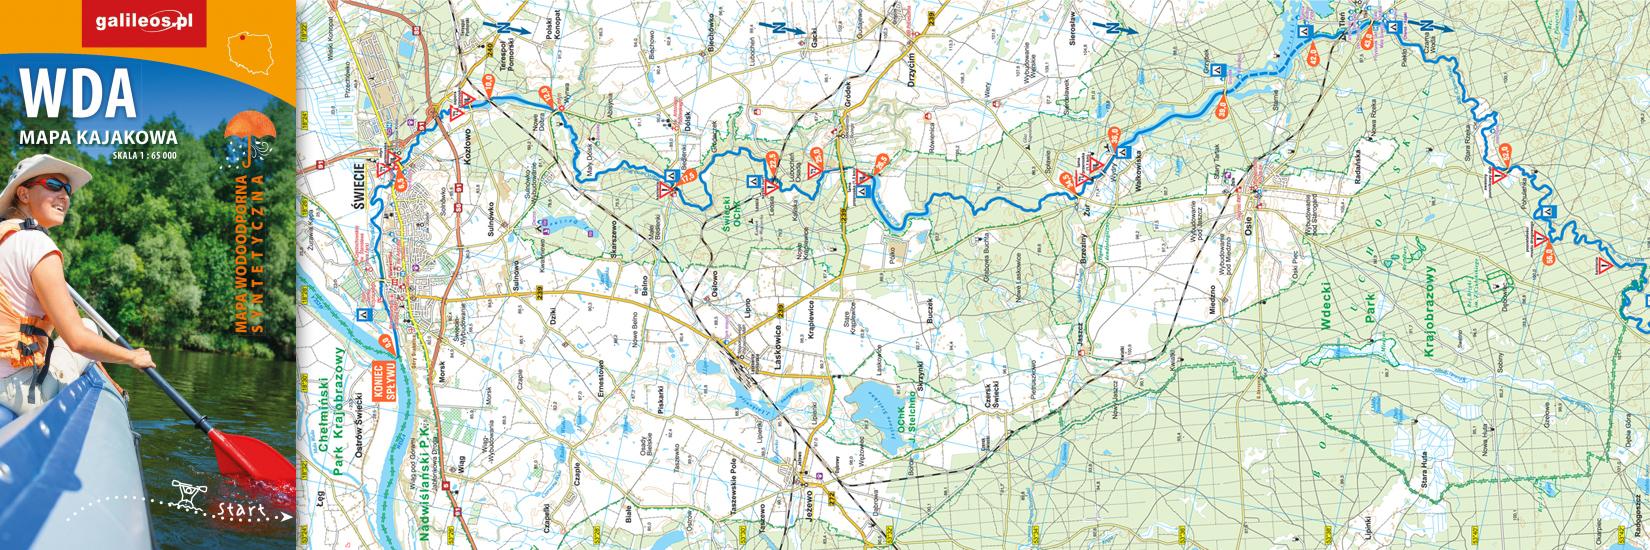 <i class='fa fa-link'></i> <a title='Przejdź do artykułu' href='https://www.plan.pl/ksiegarnia/wda-mapa-kajakowa-2/'>Wda – mapa kajakowa</a>